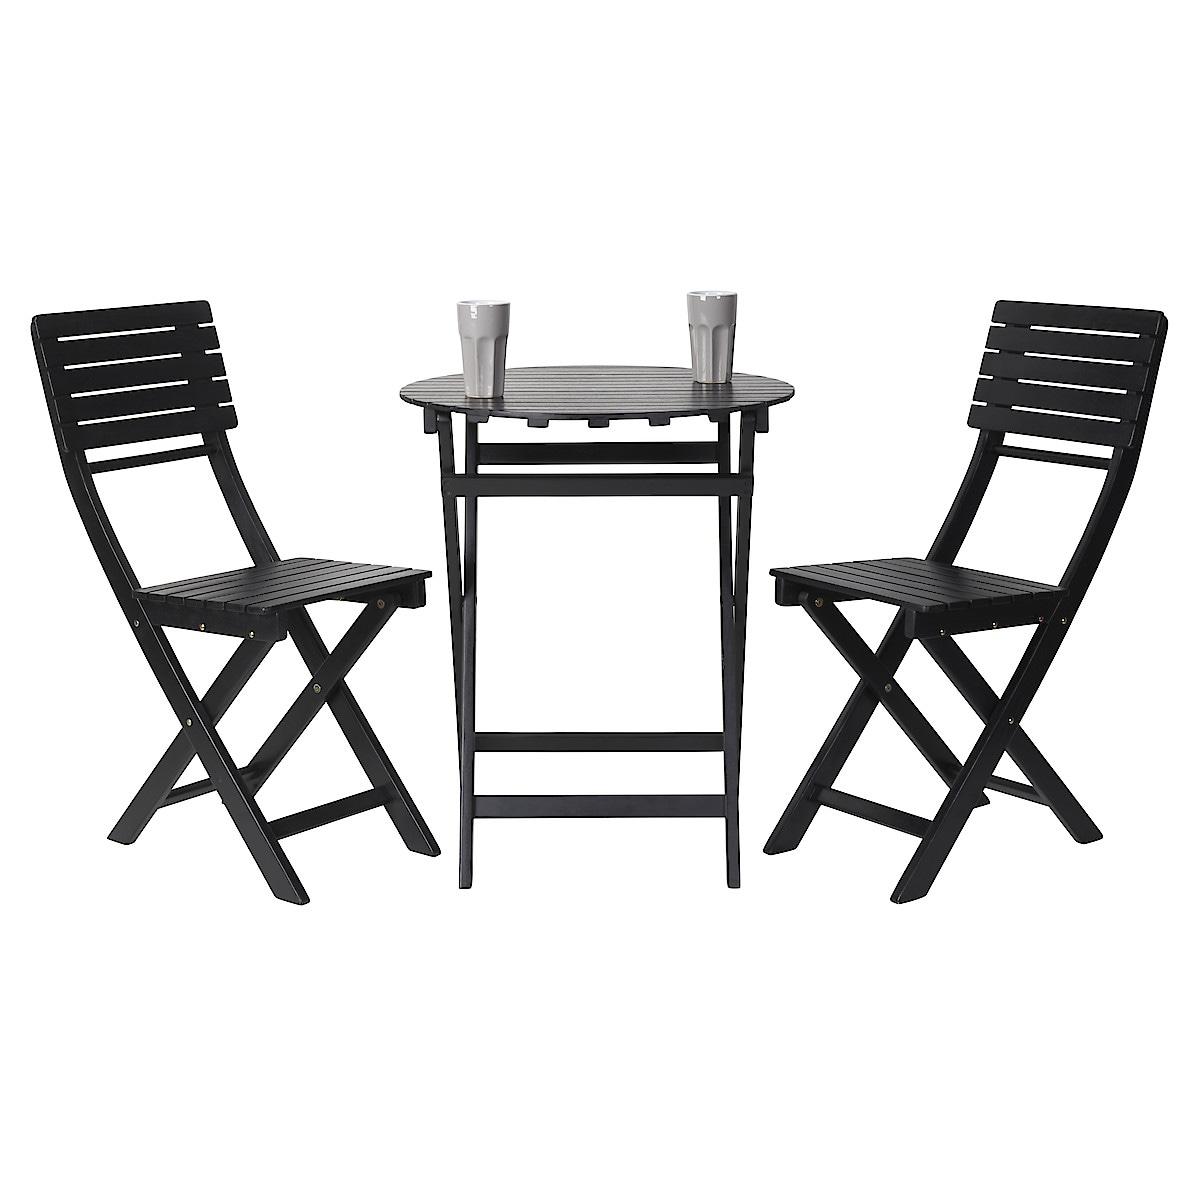 Utemöbler med bord och två stolar